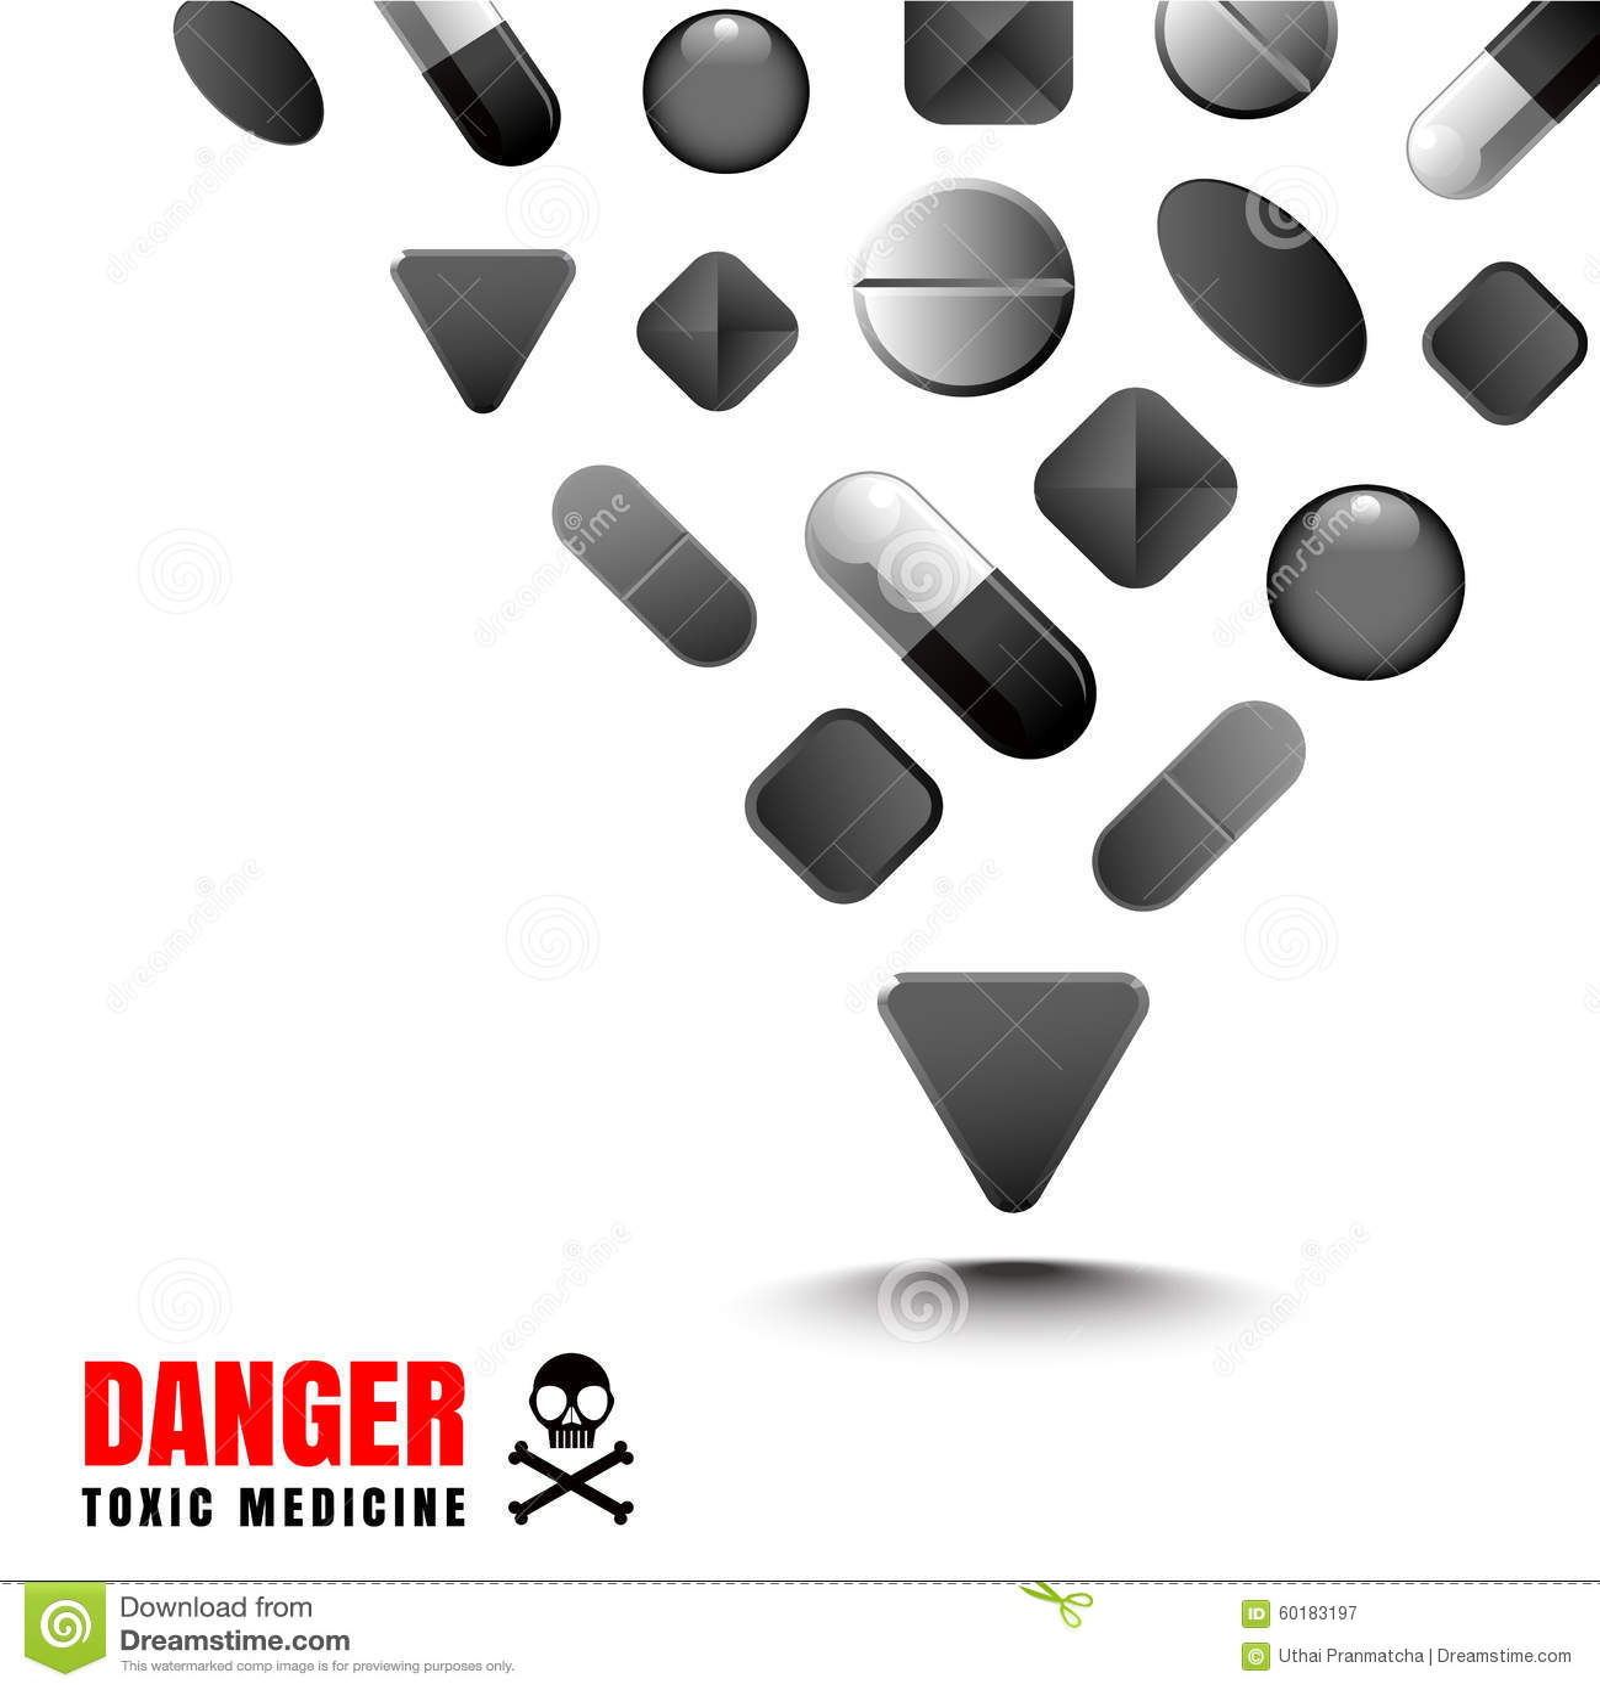 A cor preta da droga representa um perigoso e tóxico